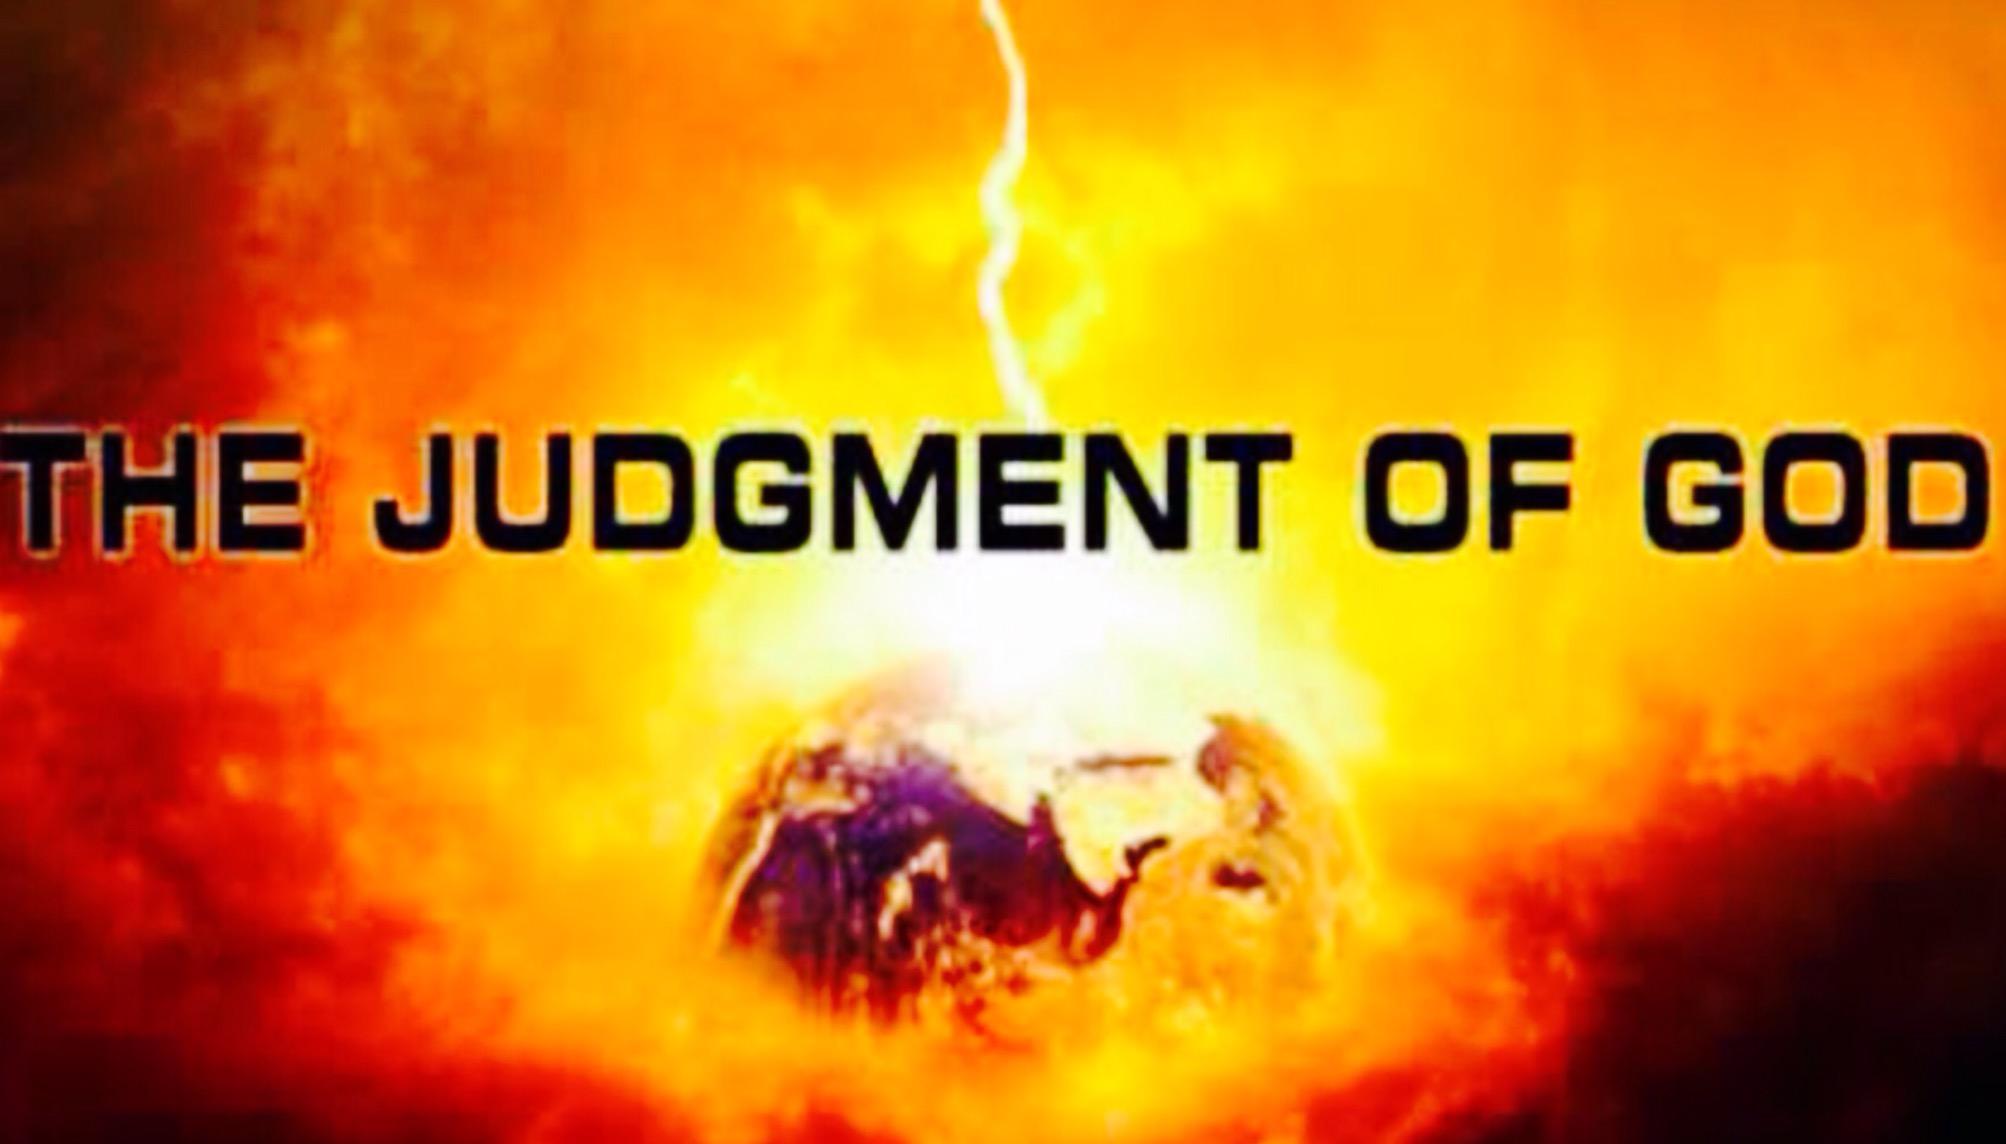 Image Judgement Vs Judgment Canada